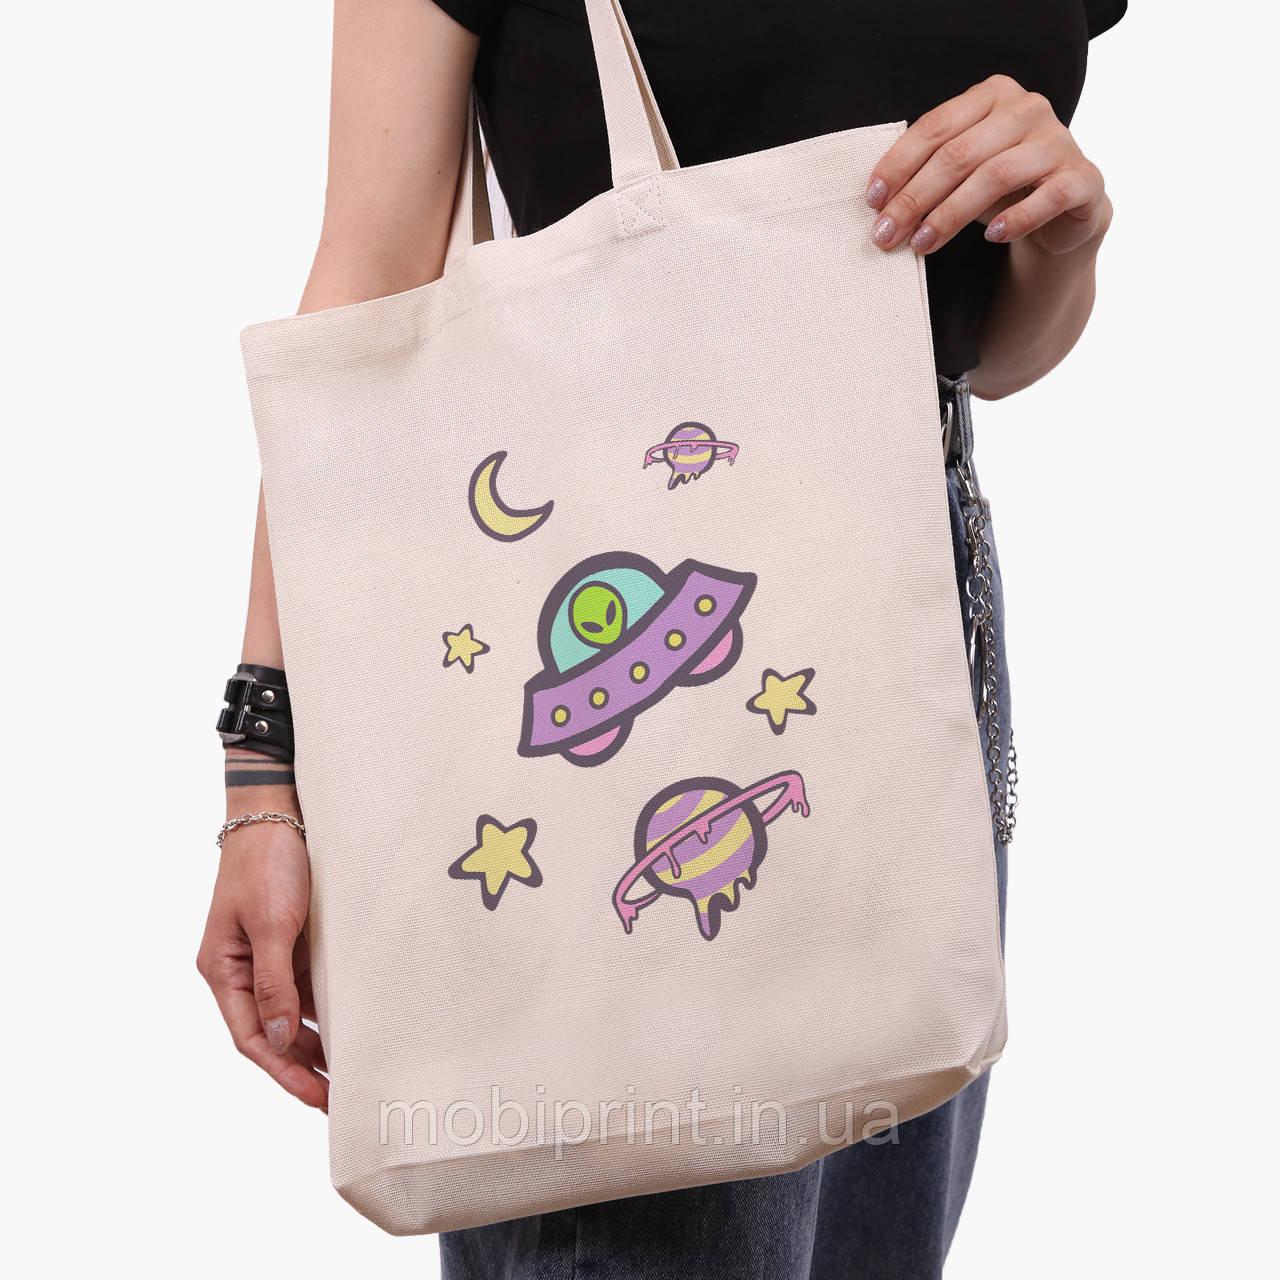 Эко сумка шоппер белая Инопланетяни в космосе (Aliens in space) (9227-2854-1)  41*39*8 см